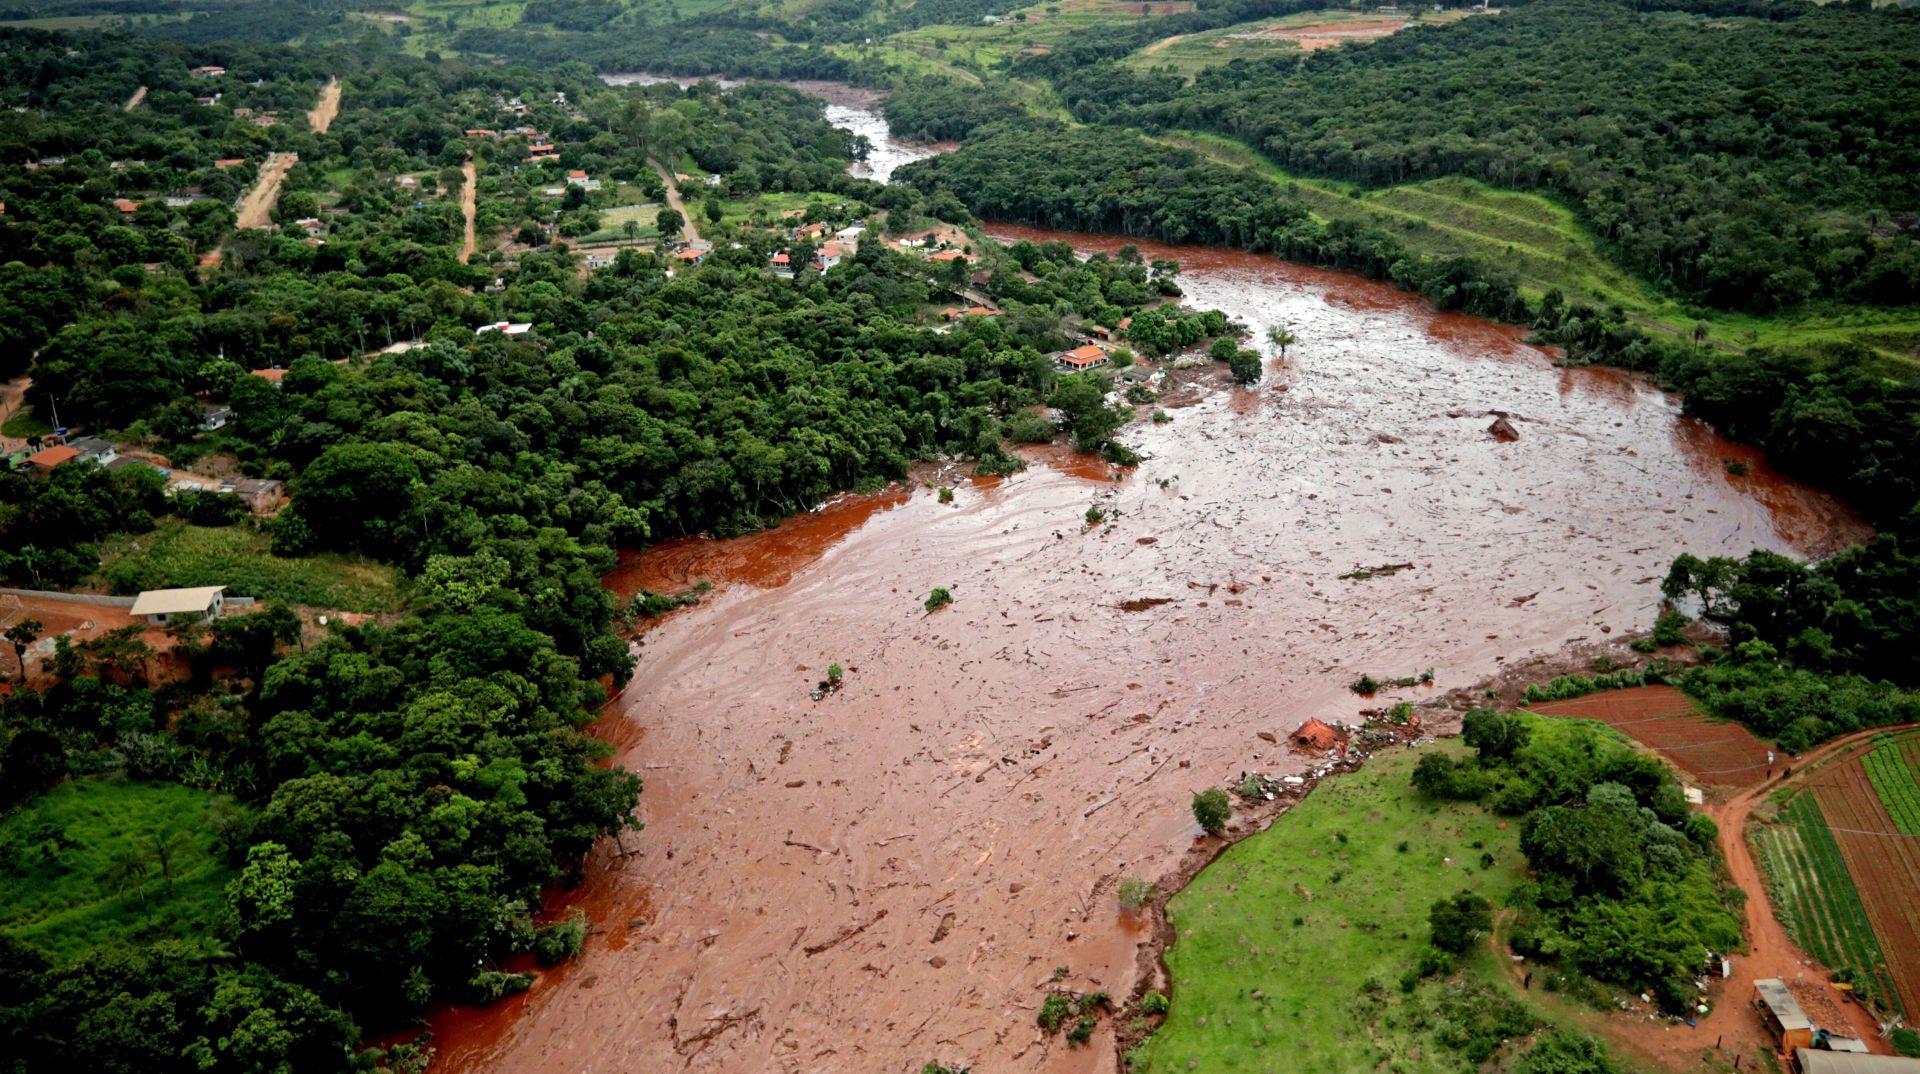 Broj mrtvih nakon puknuća brane u Brazilu popeo se na 65